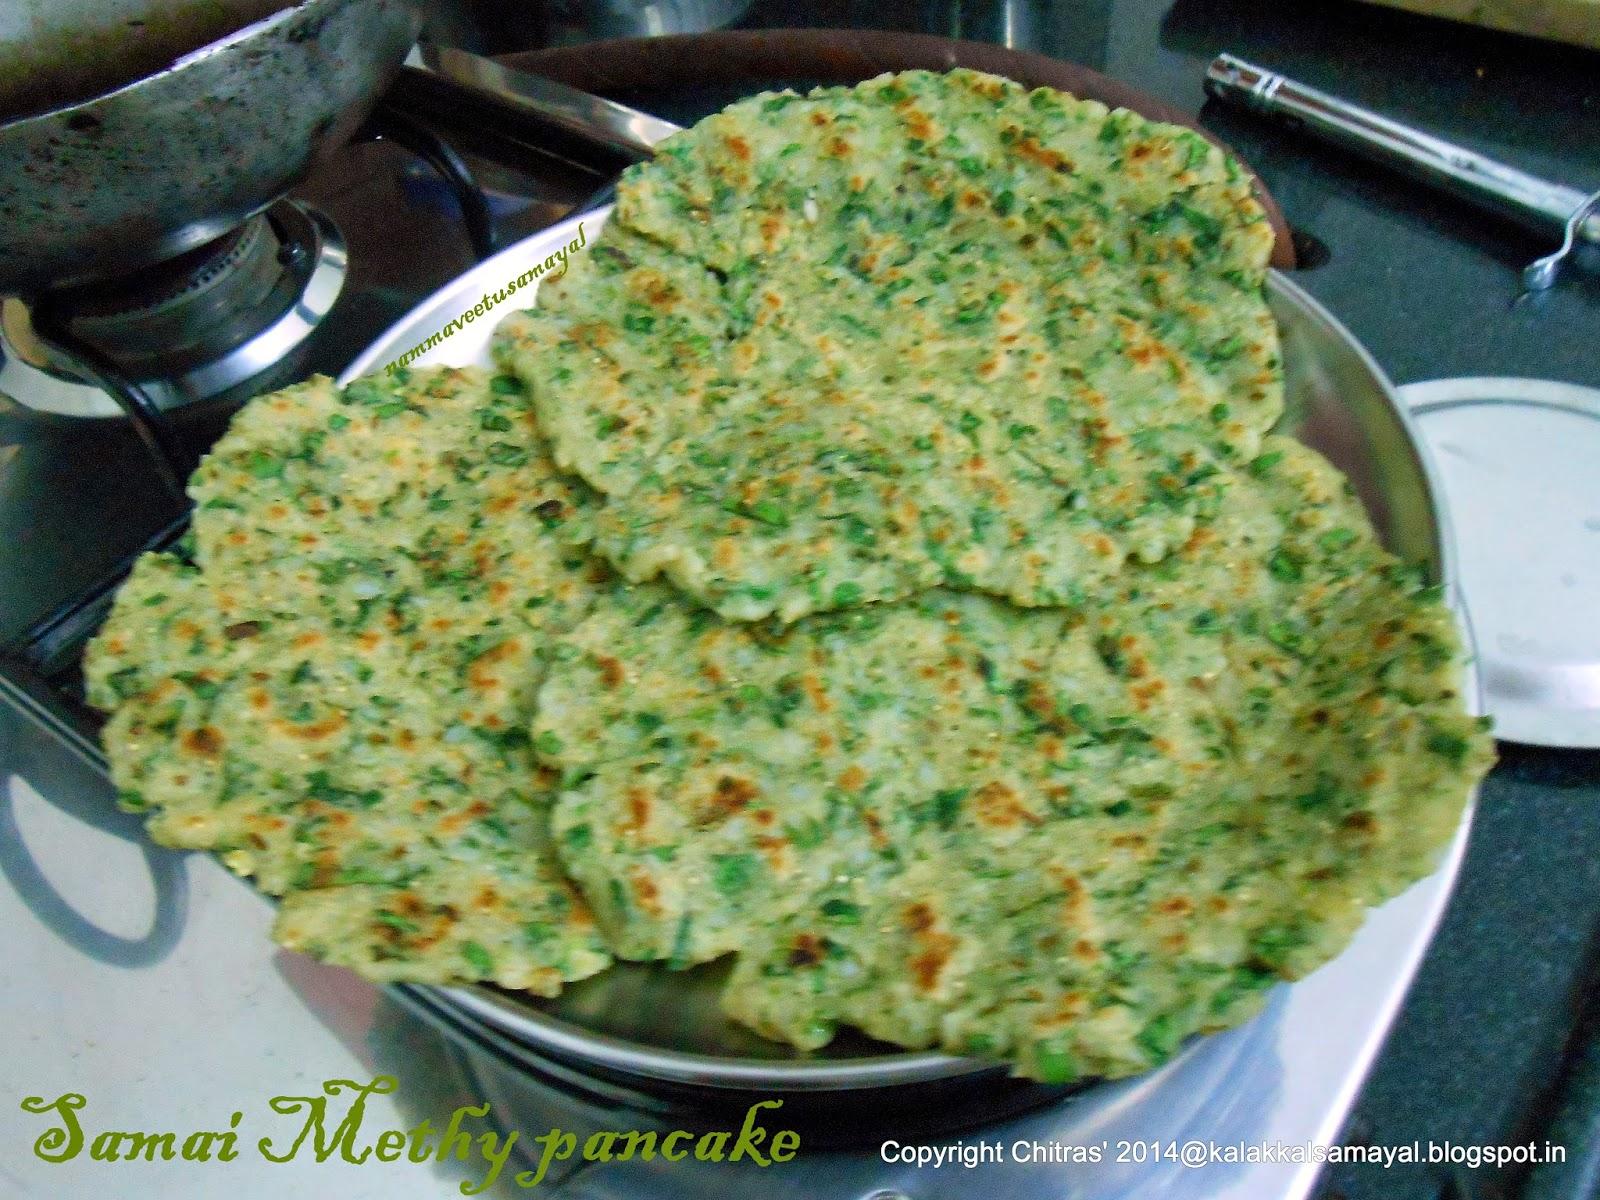 Samai methi pancake